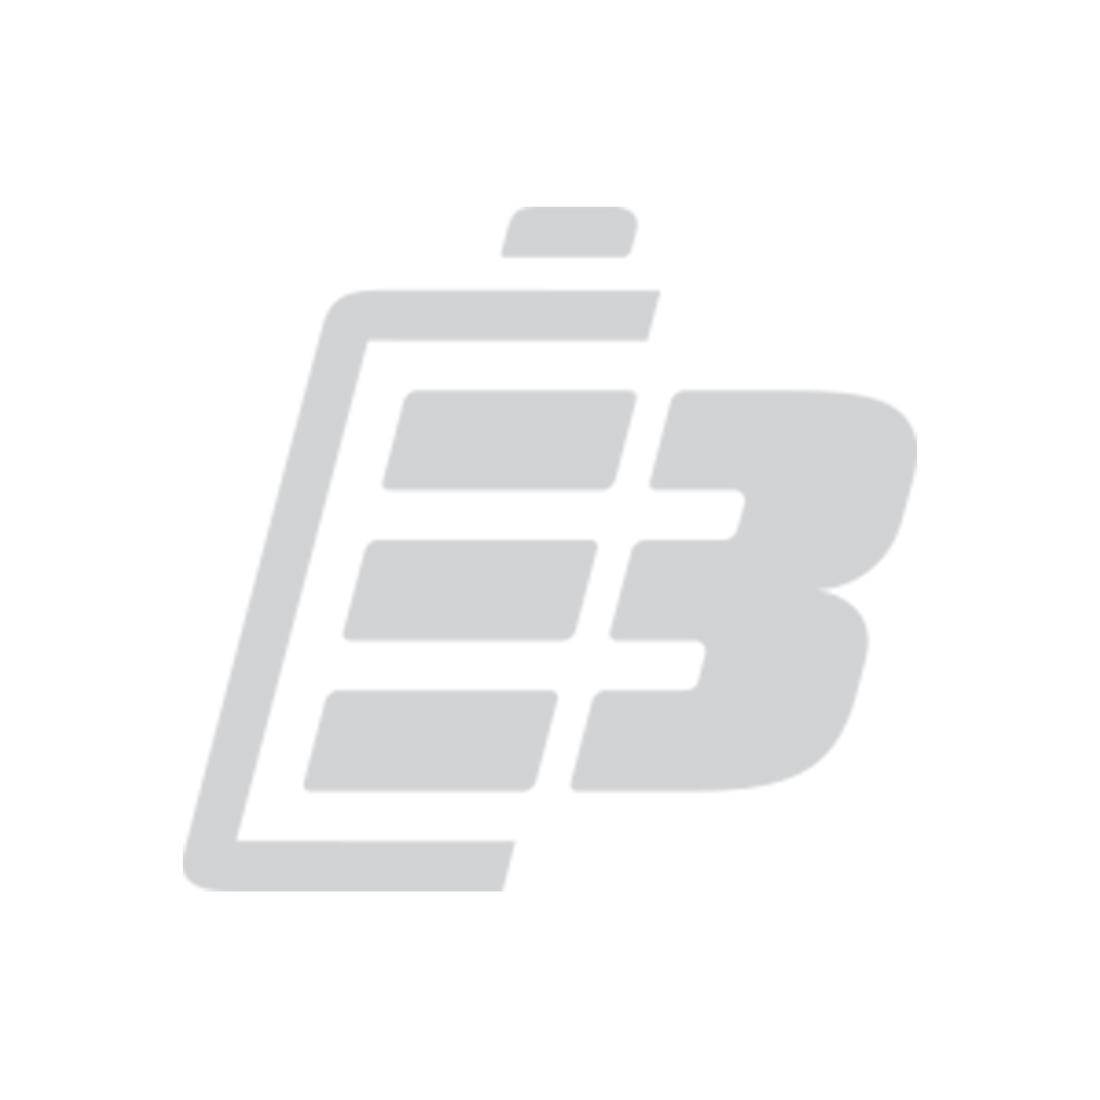 Efan INR 18650 battery 3500mAh 40A